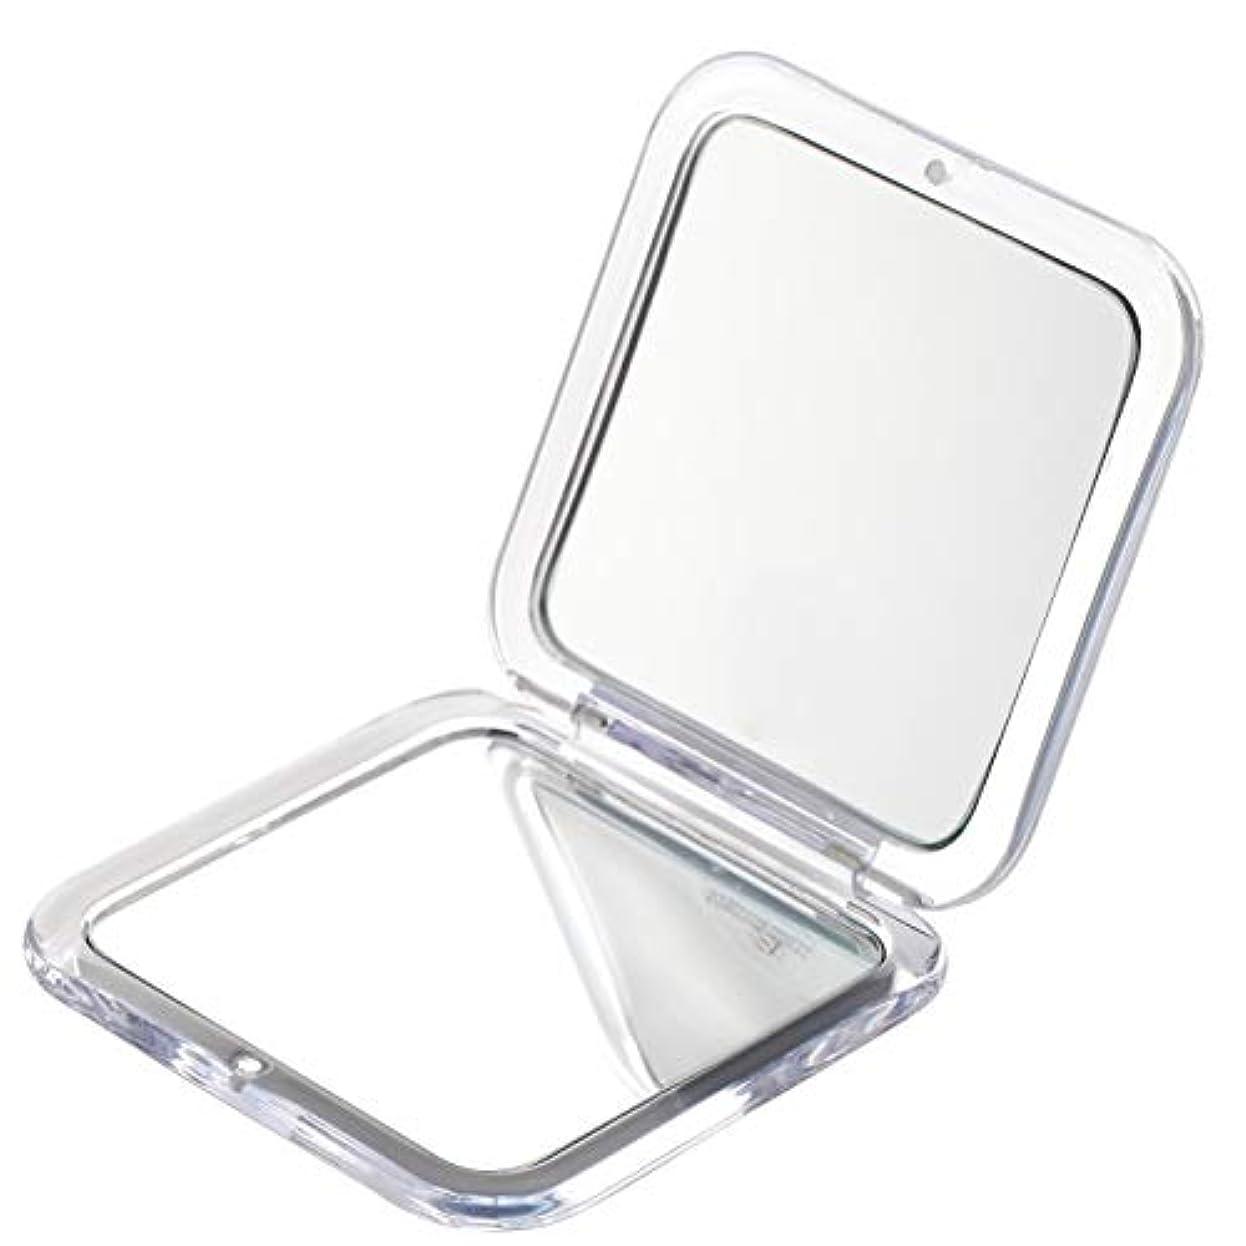 抜本的な異議試みるMiss Sweet コンパクトミラー 両面鏡 化粧鏡 拡大鏡 1倍*5倍